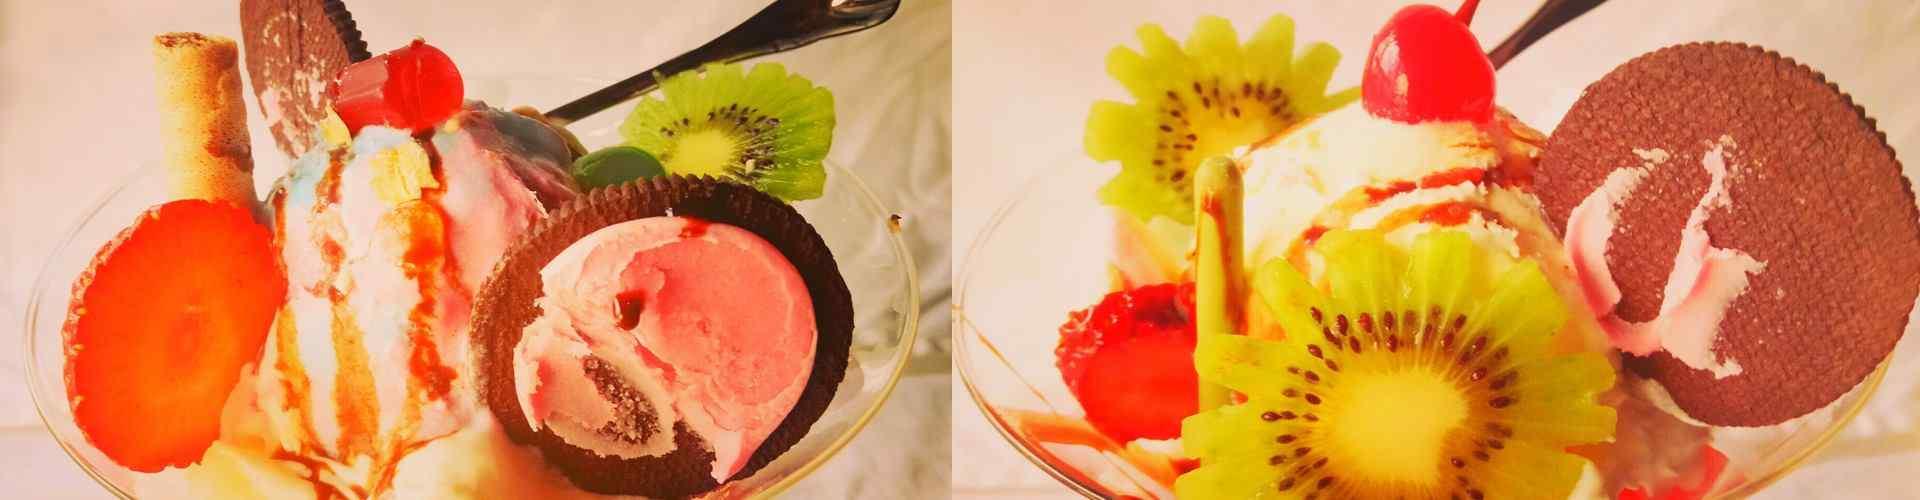 夏日冰淇淋_冰淇淋图片_夏日美食图片_夏季消暑美食图片_美食壁纸